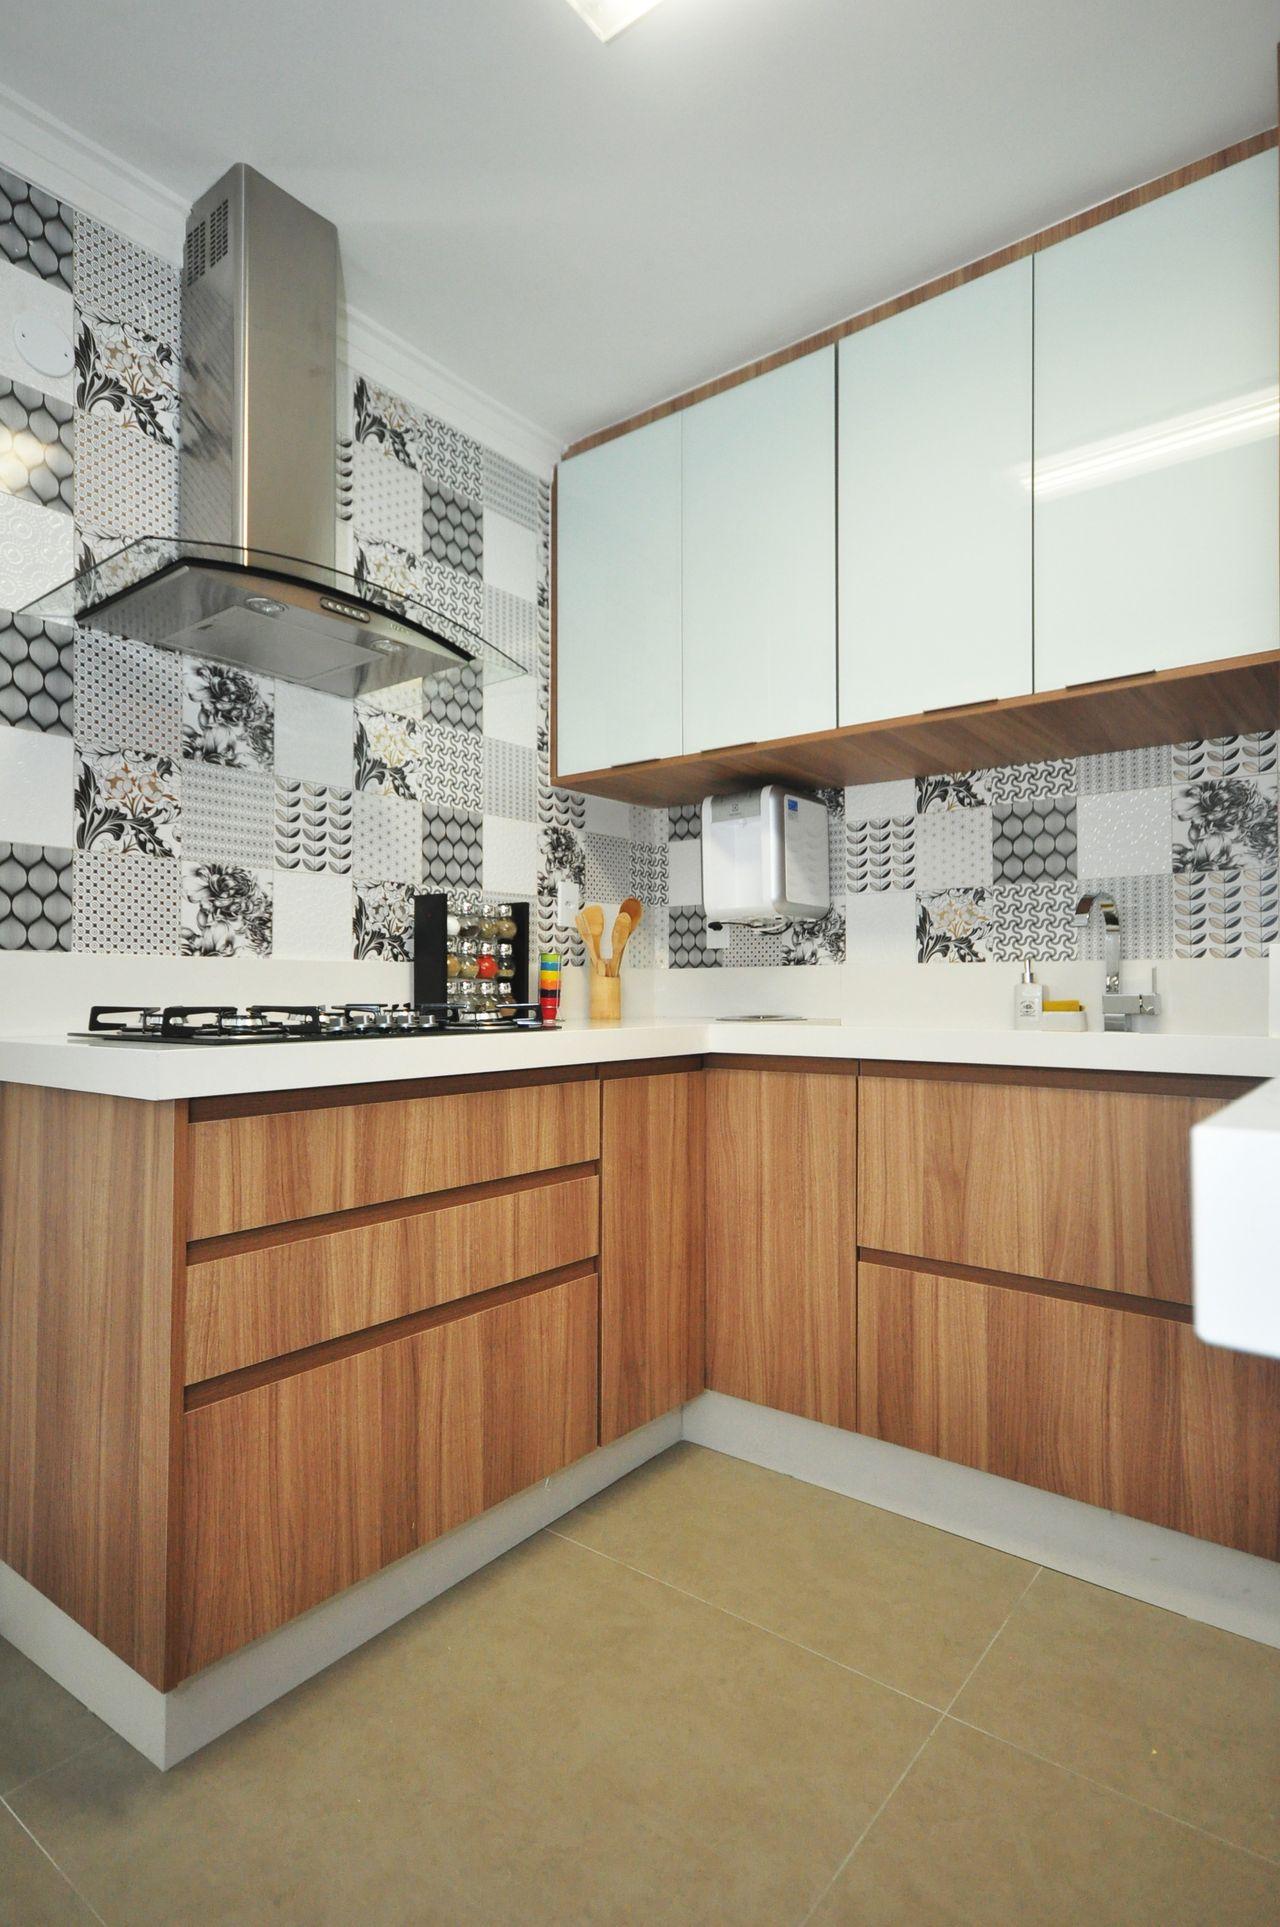 Cozinha Com Coifa De A O Inox E Azulejo Decorativo De Condecorar